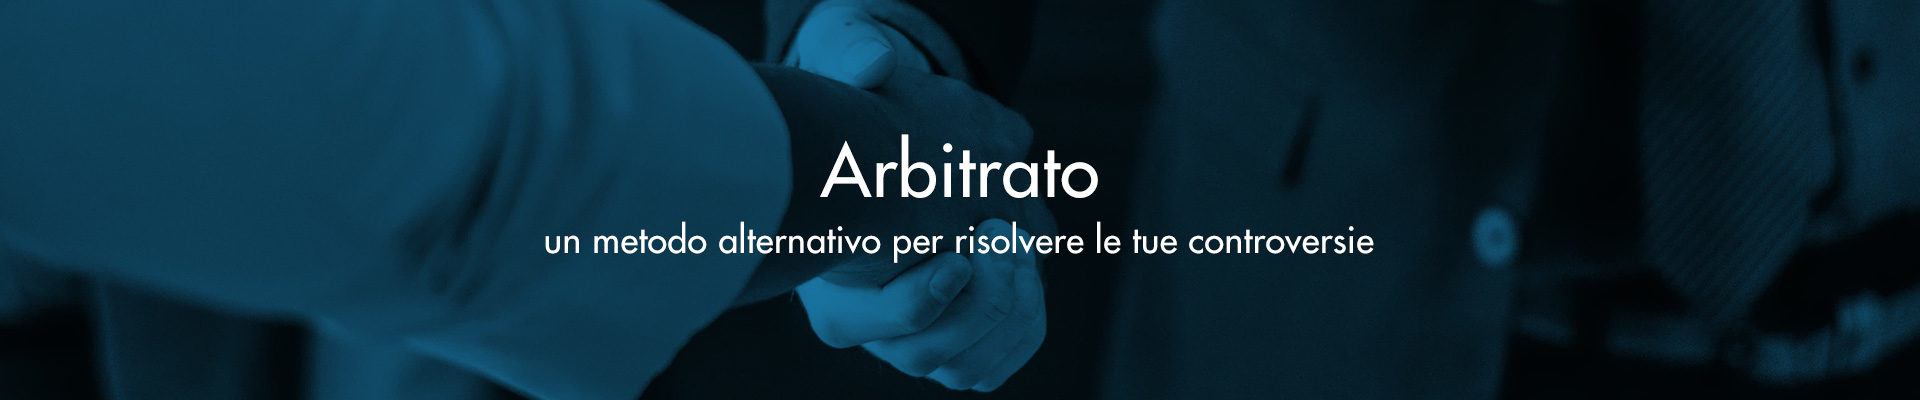 arbitrato 1